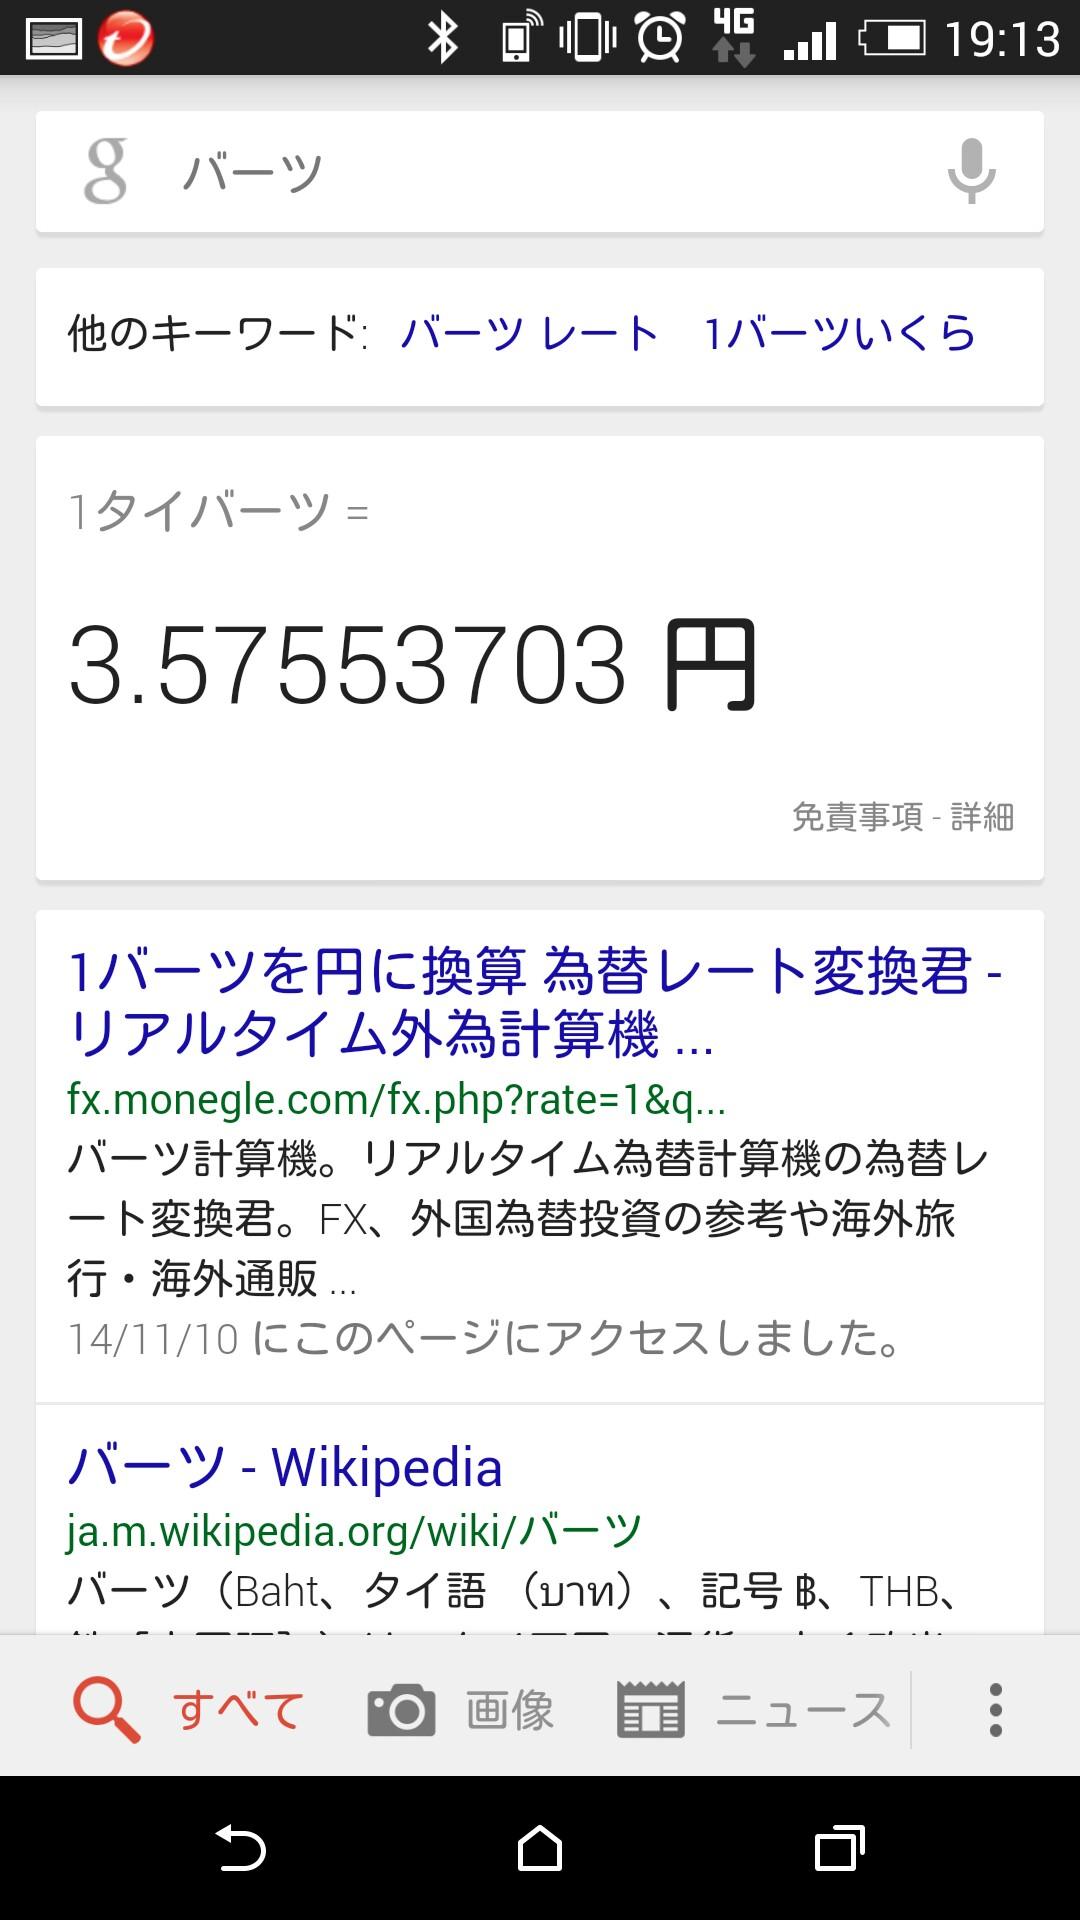 20141119211752079.jpg